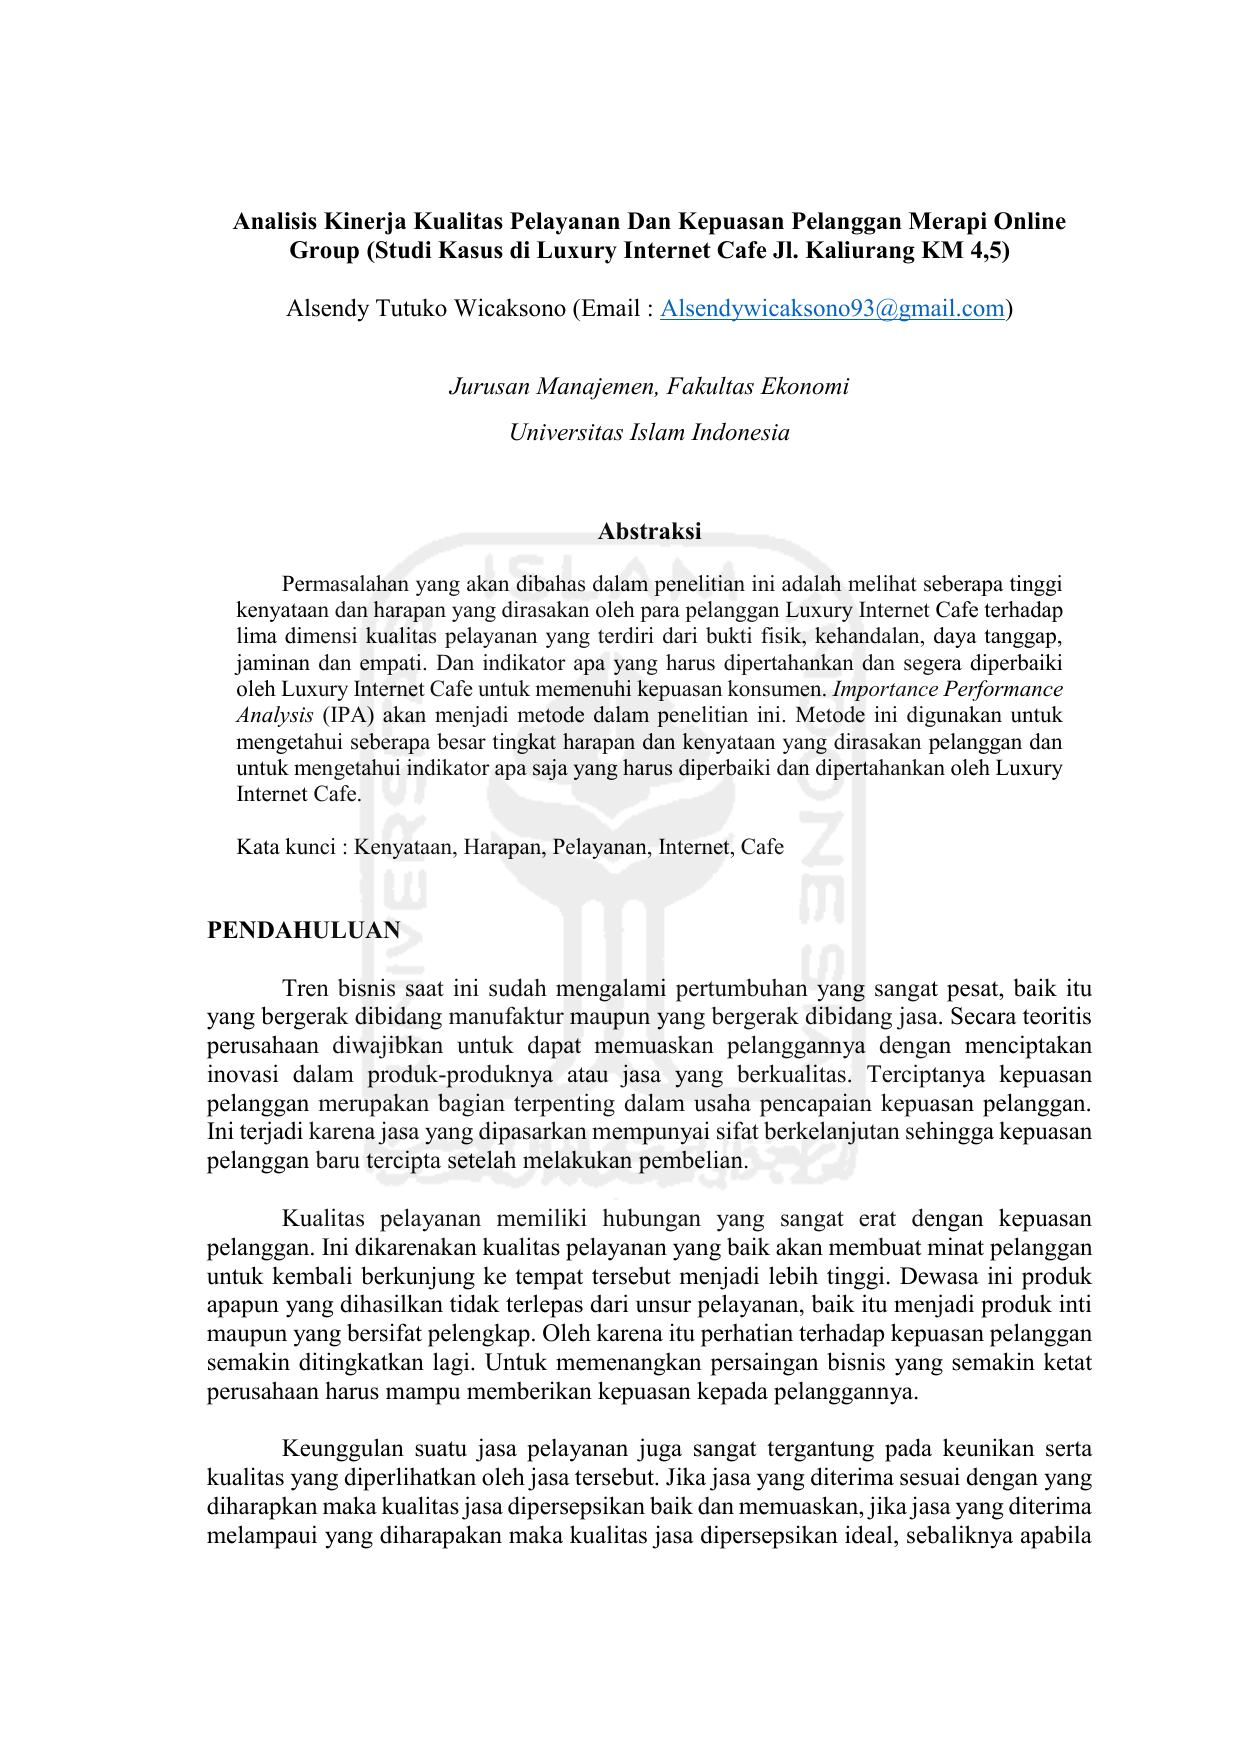 Analisis kinerja kualitas pelayanan dan kepuasan pelanggan ccuart Images